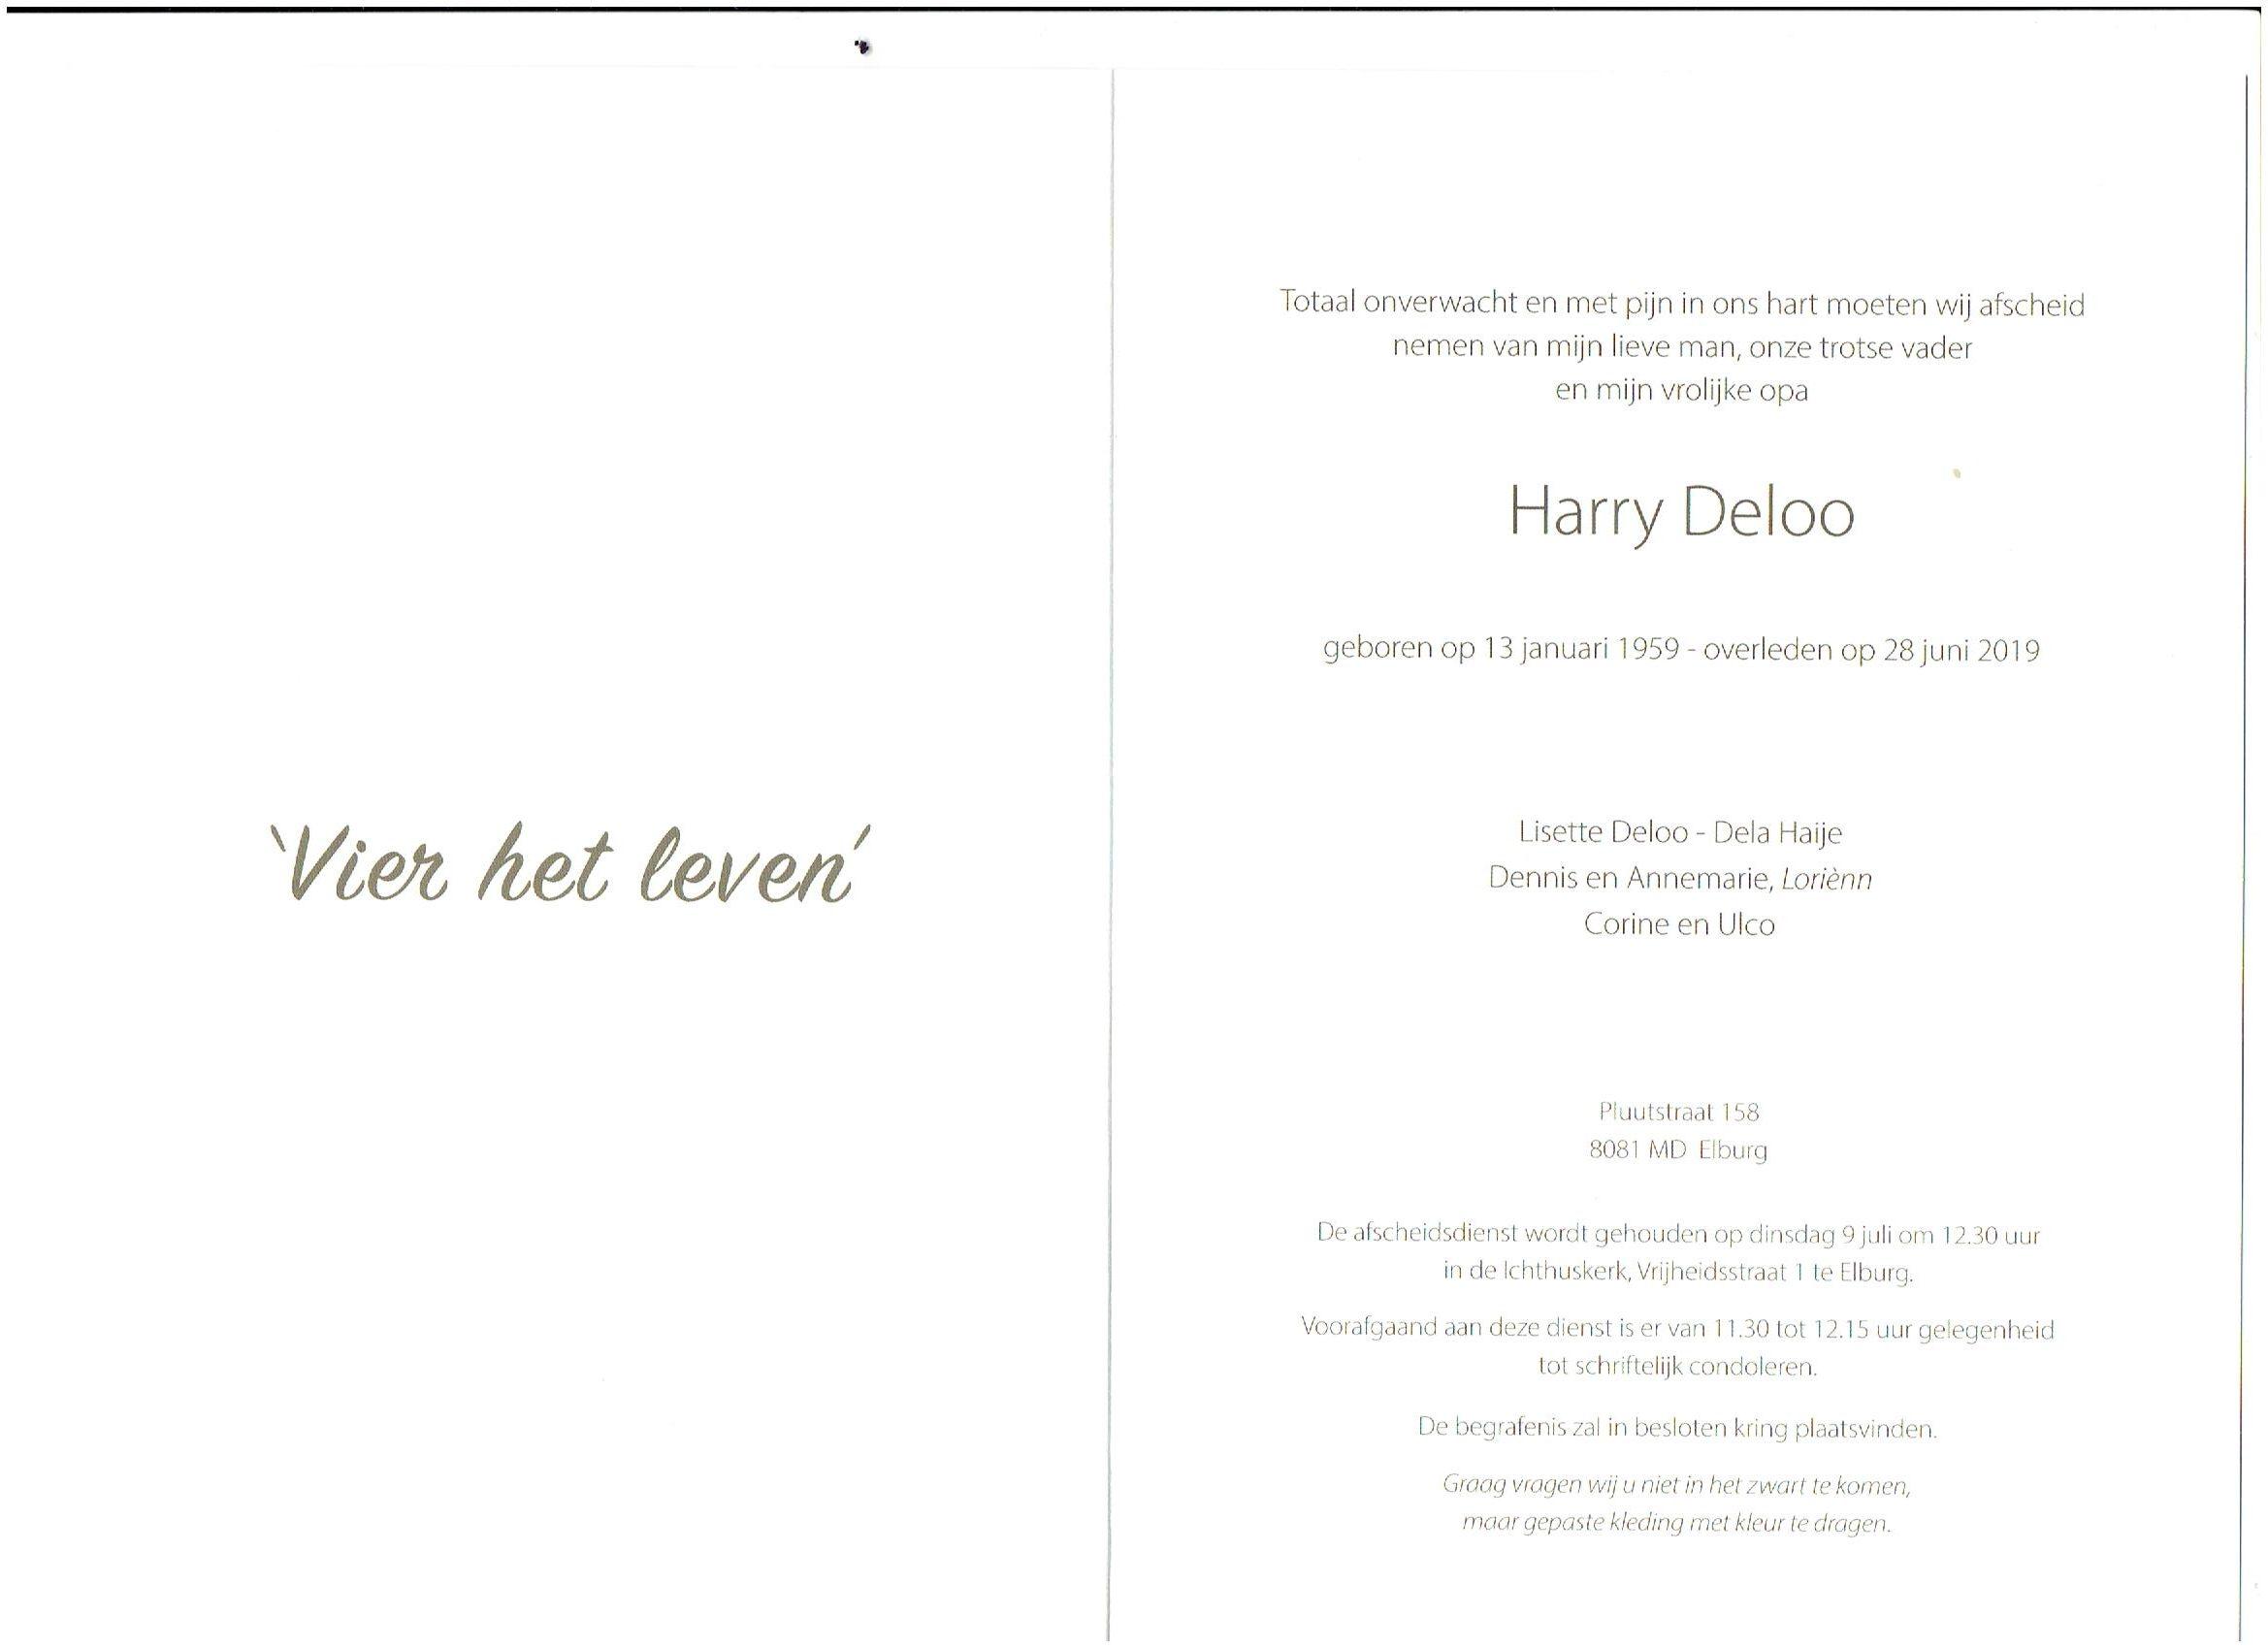 Rouwkaart Harry Deloo - Elburger SC